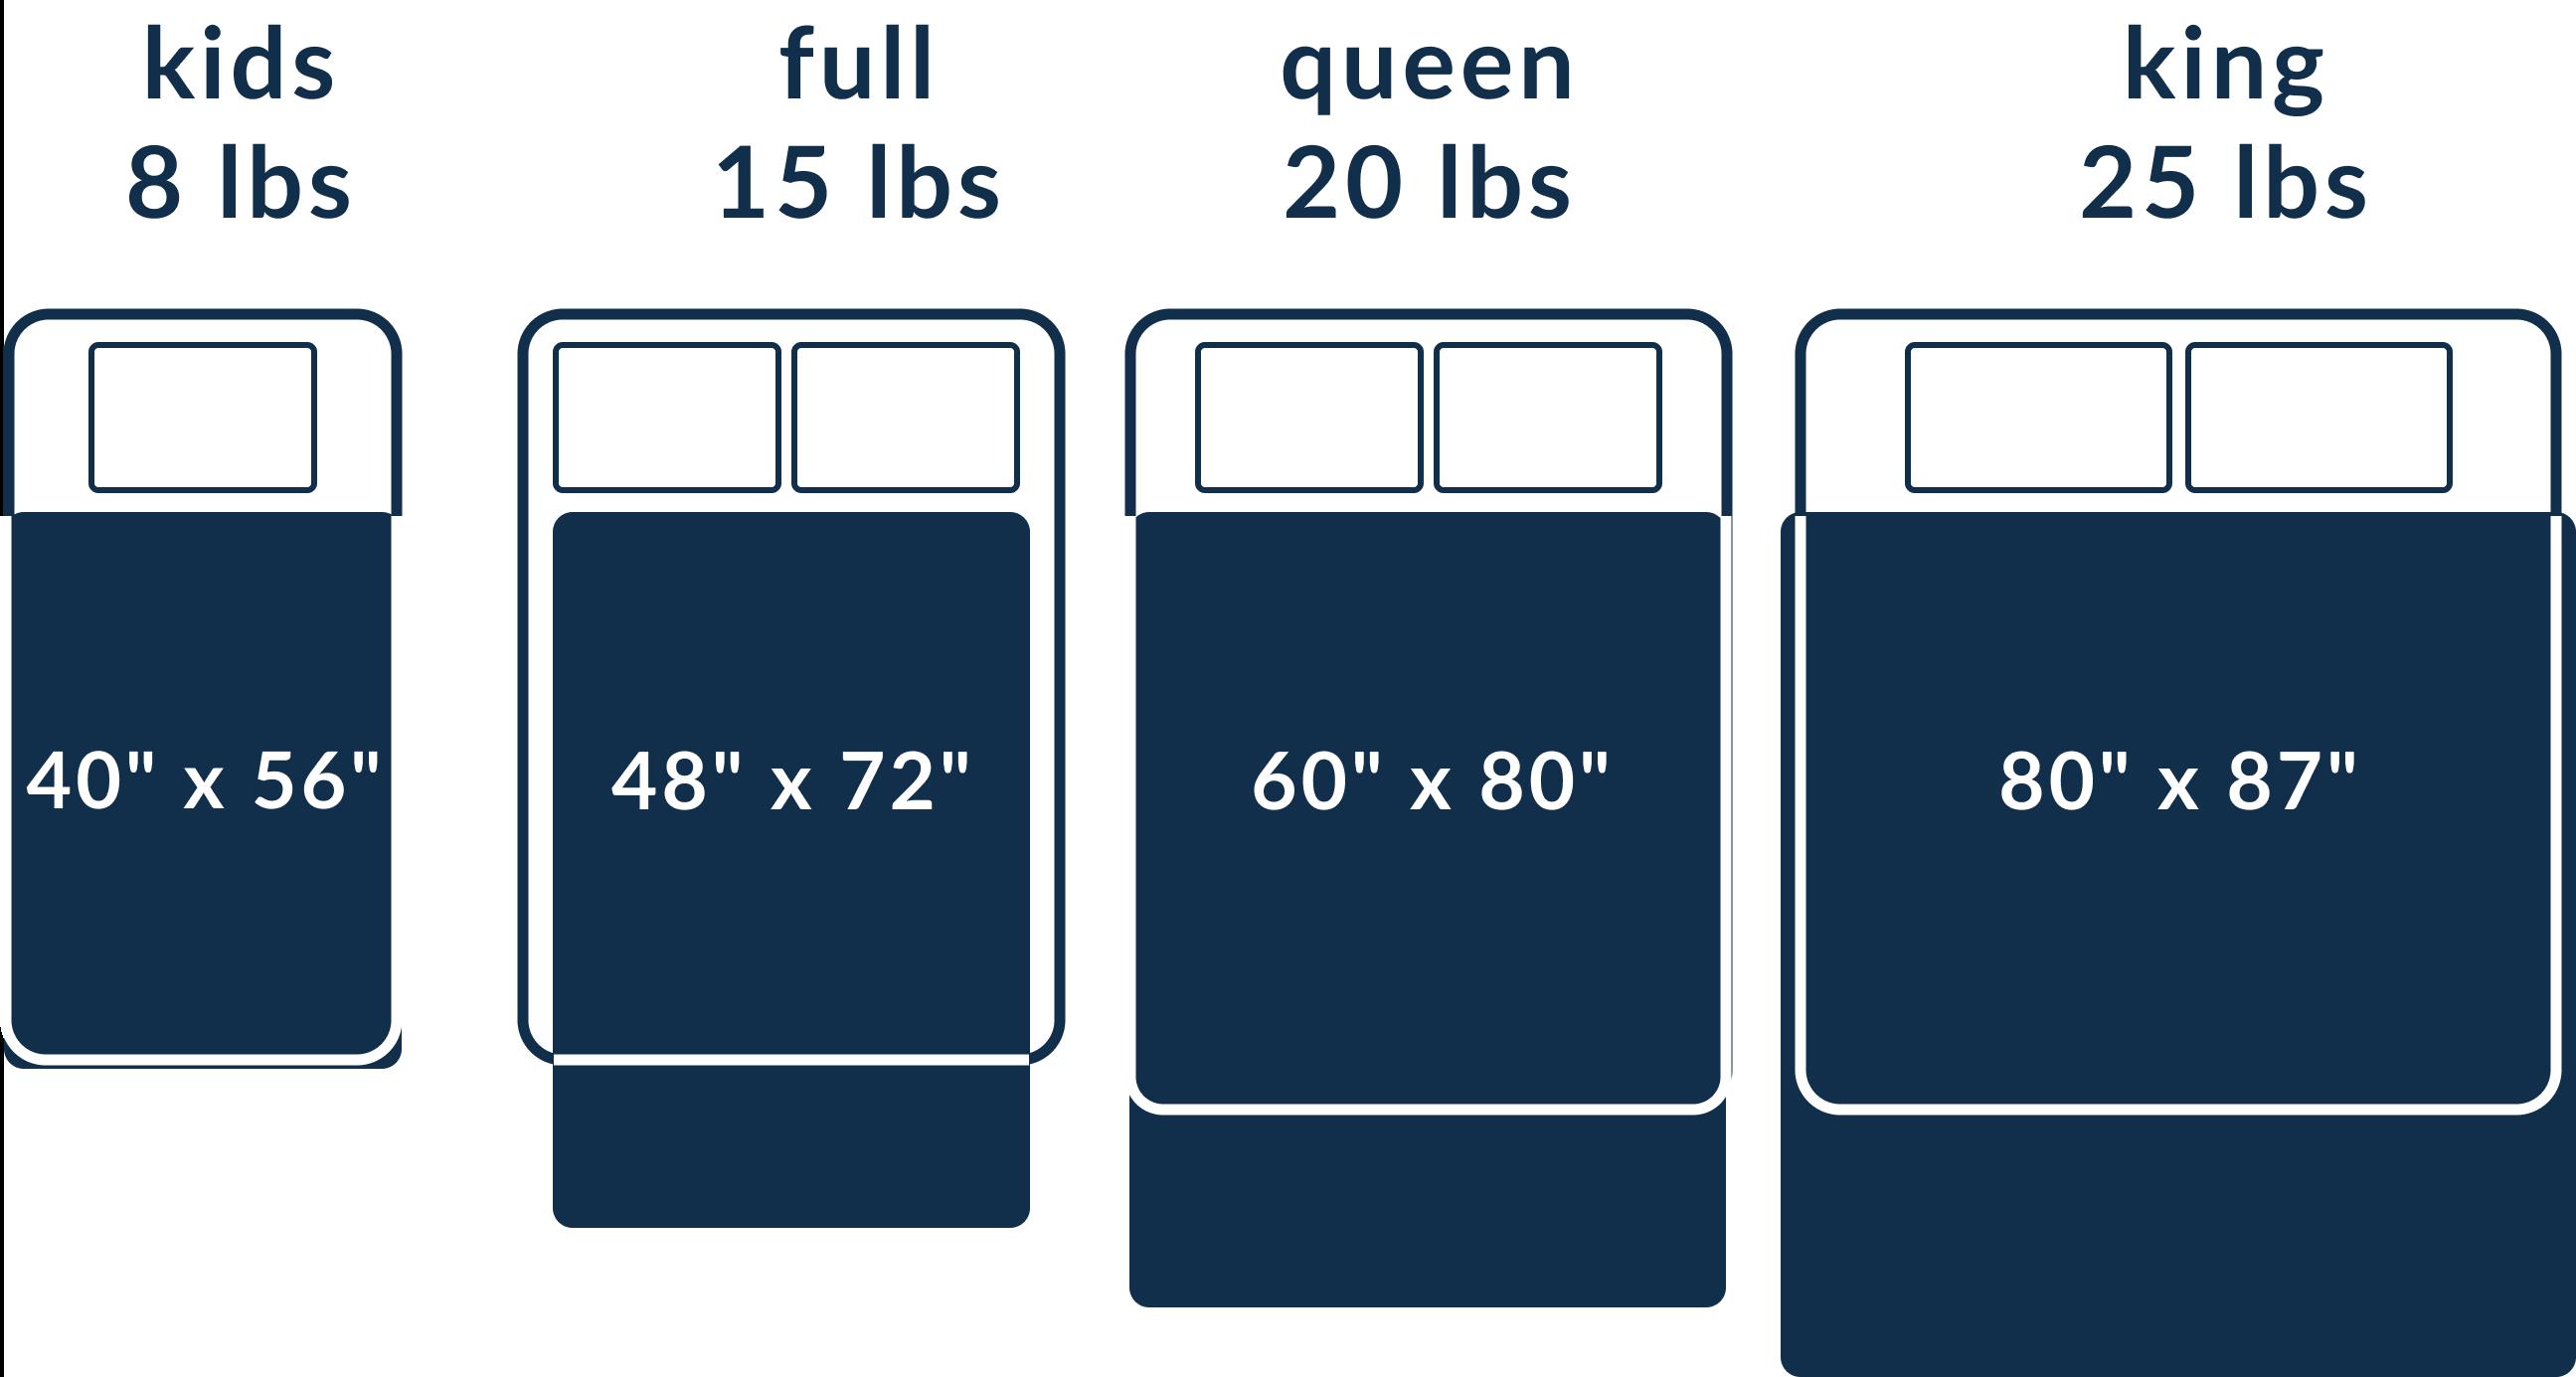 Nuzzie Knit Size Guide